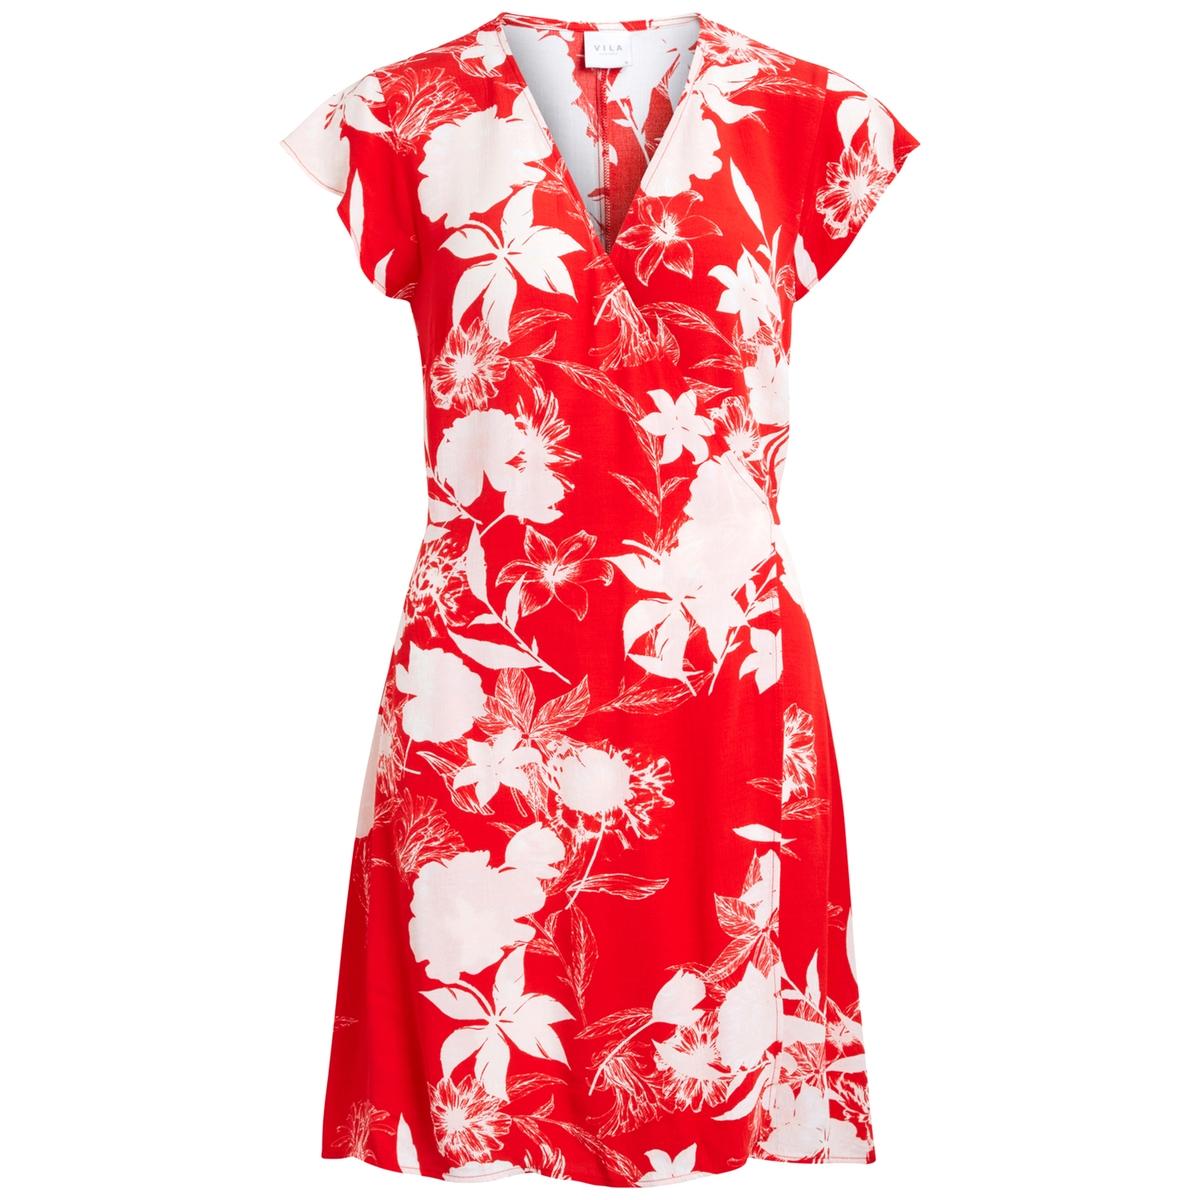 Платье с запахом и принтомМатериал : 100% вискоза  Длина рукава : короткие рукава  Форма воротника : V-образный вырез Покрой платья : с запахом Рисунок : принт   Длина платья : до колен<br><br>Цвет: наб. рисунок красный